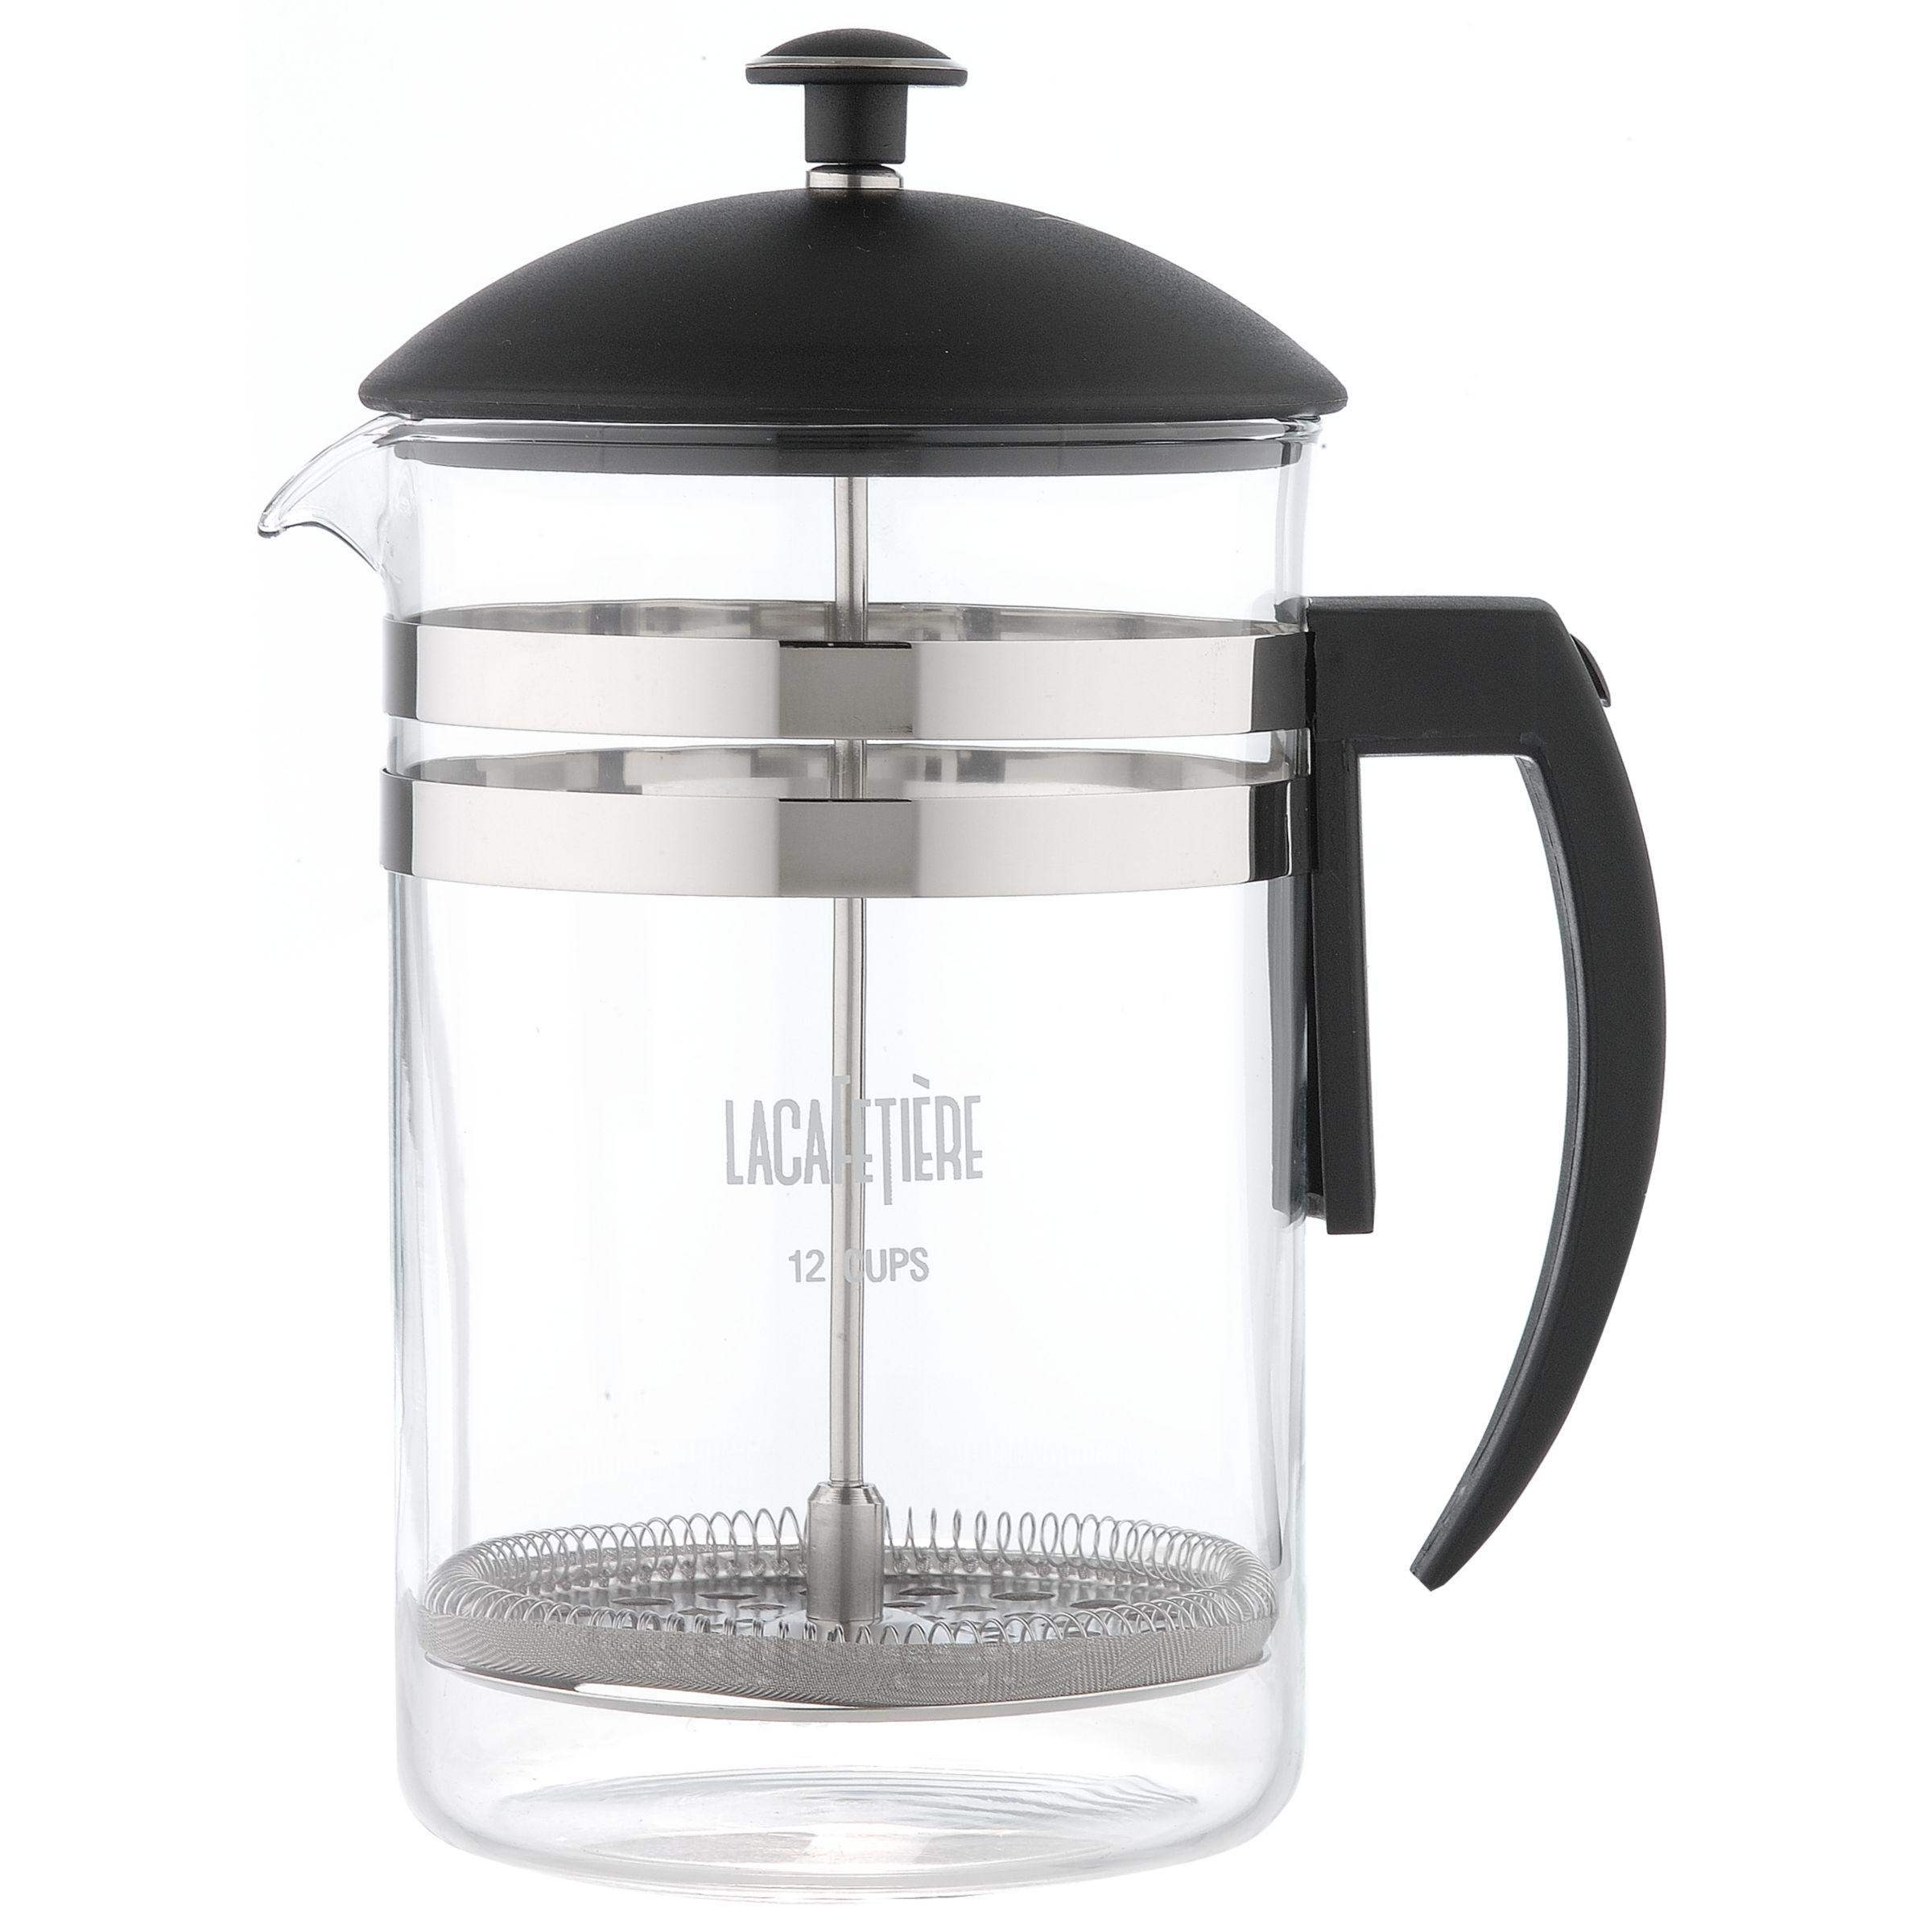 Aeropress Coffee Maker John Lewis : la cafetiere